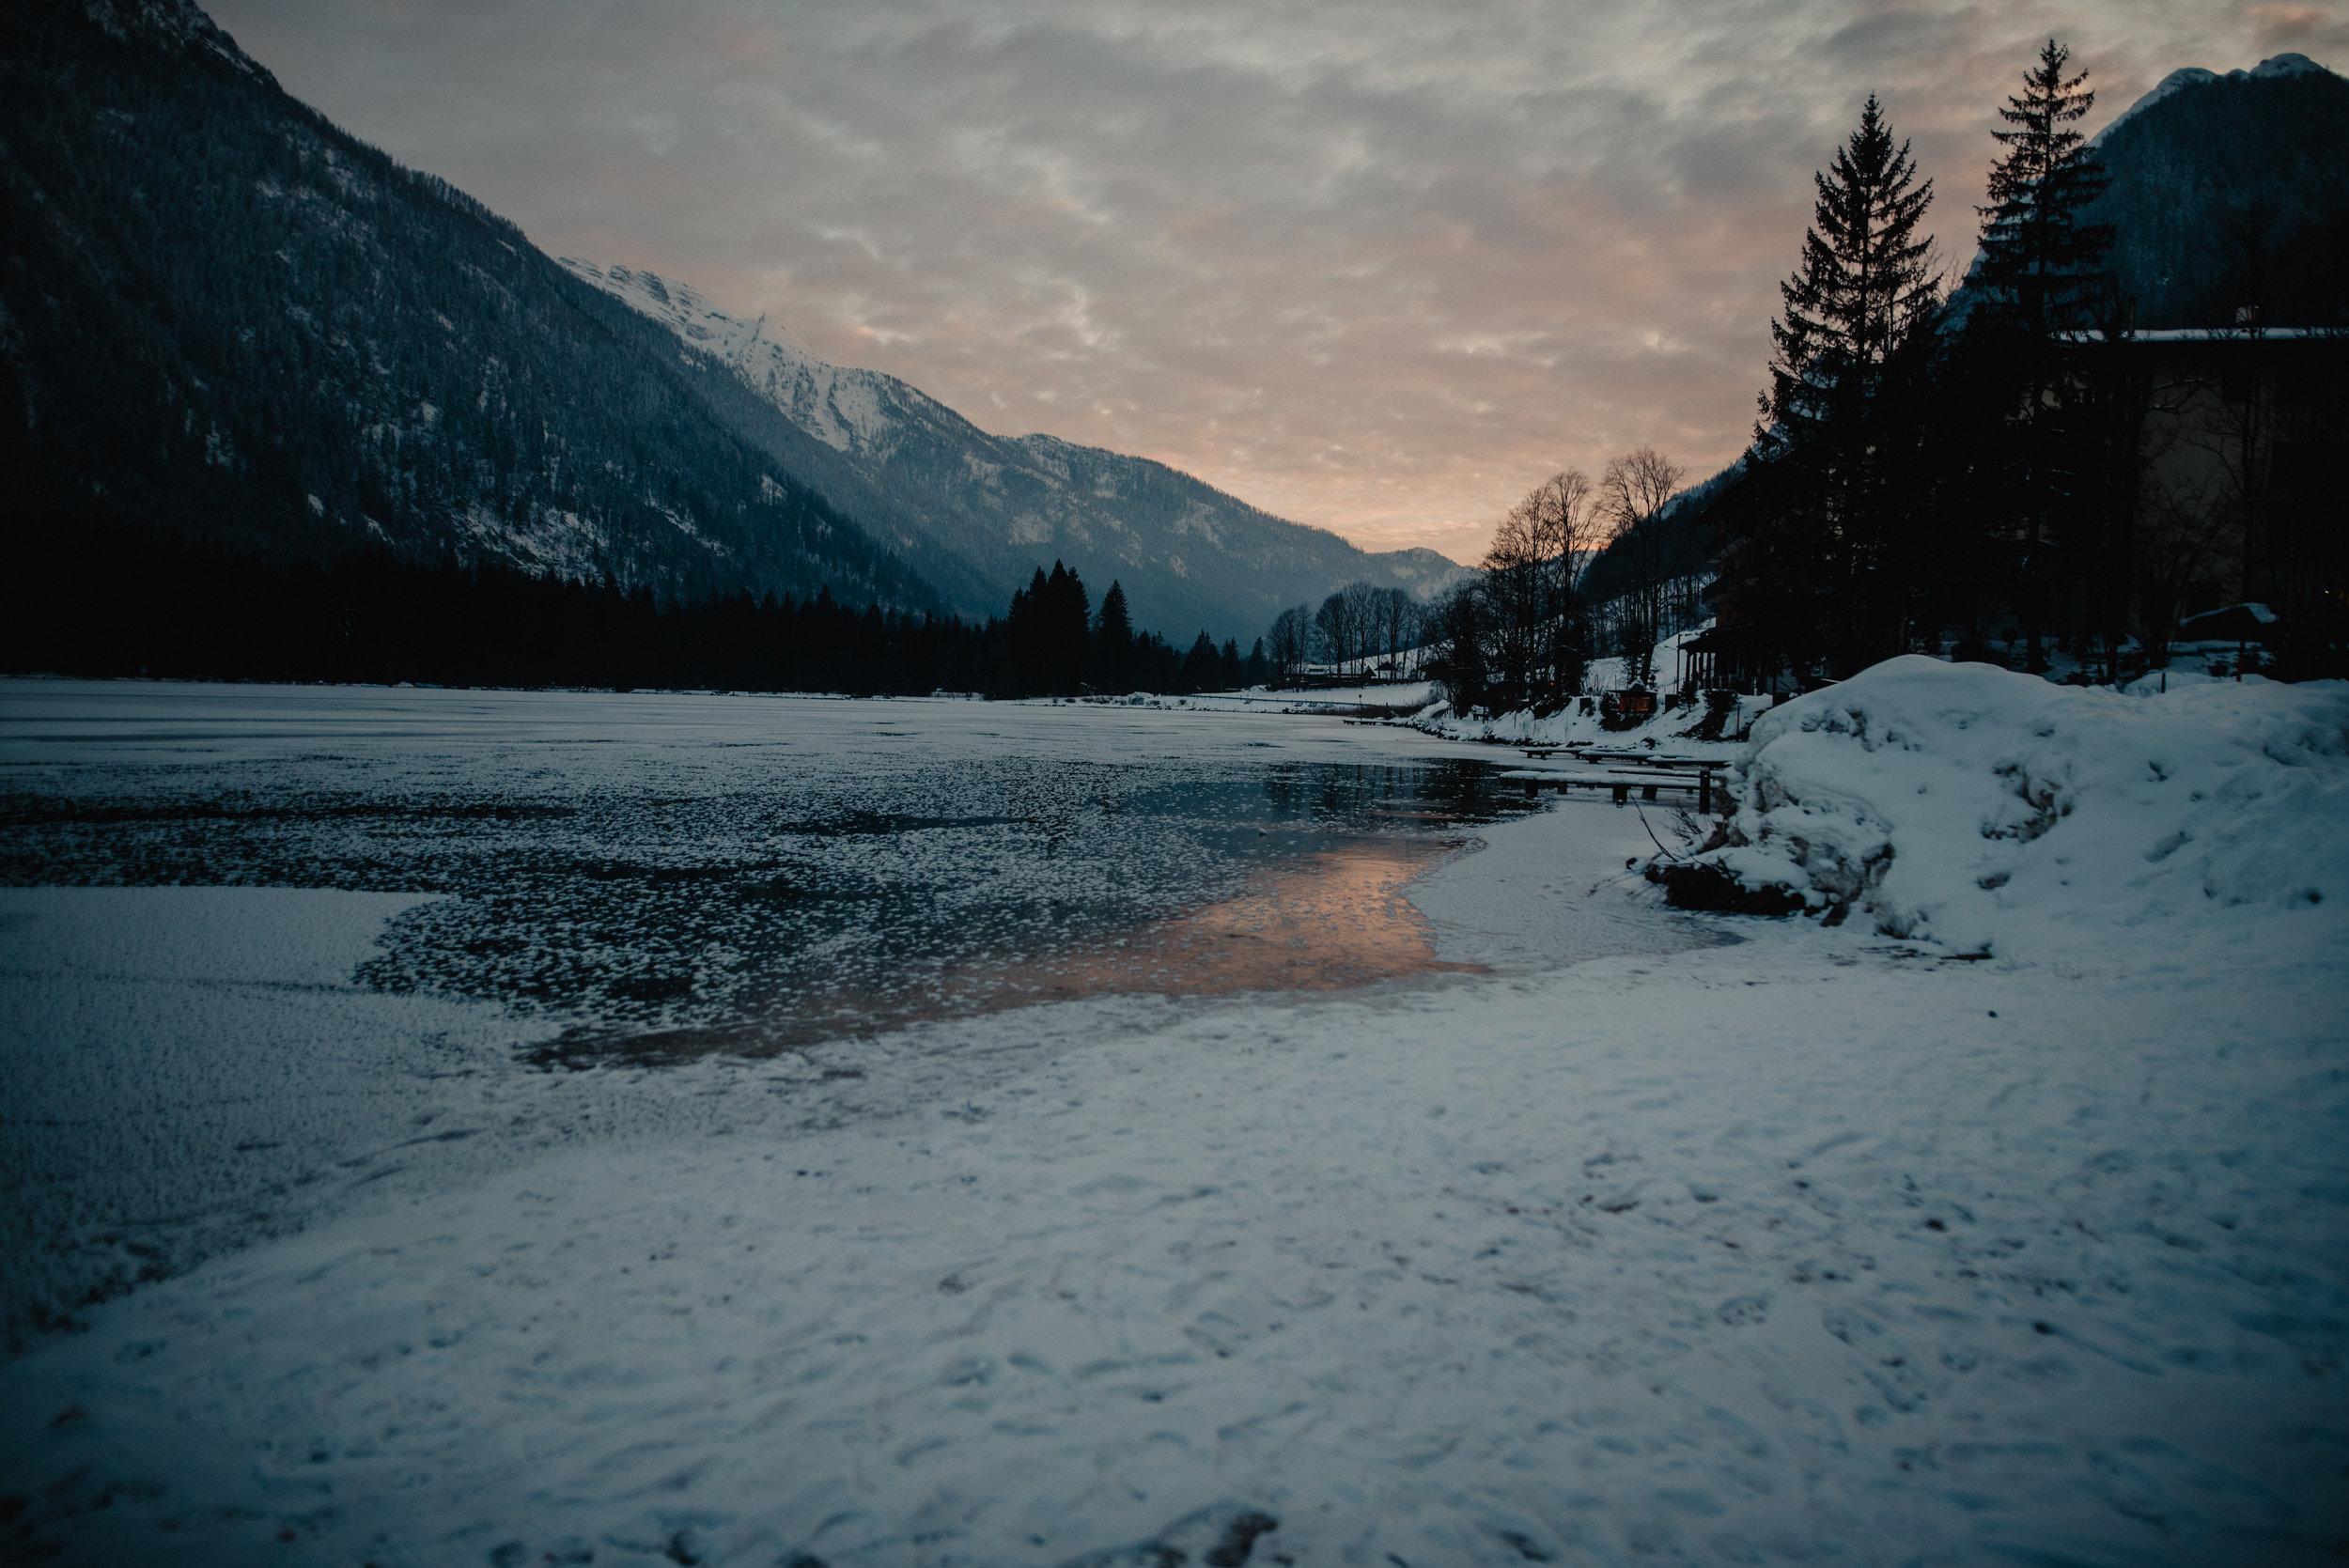 Hochzeit-Berchtesgaden-Hintersee-MissFrecklesPhotography-41.jpg